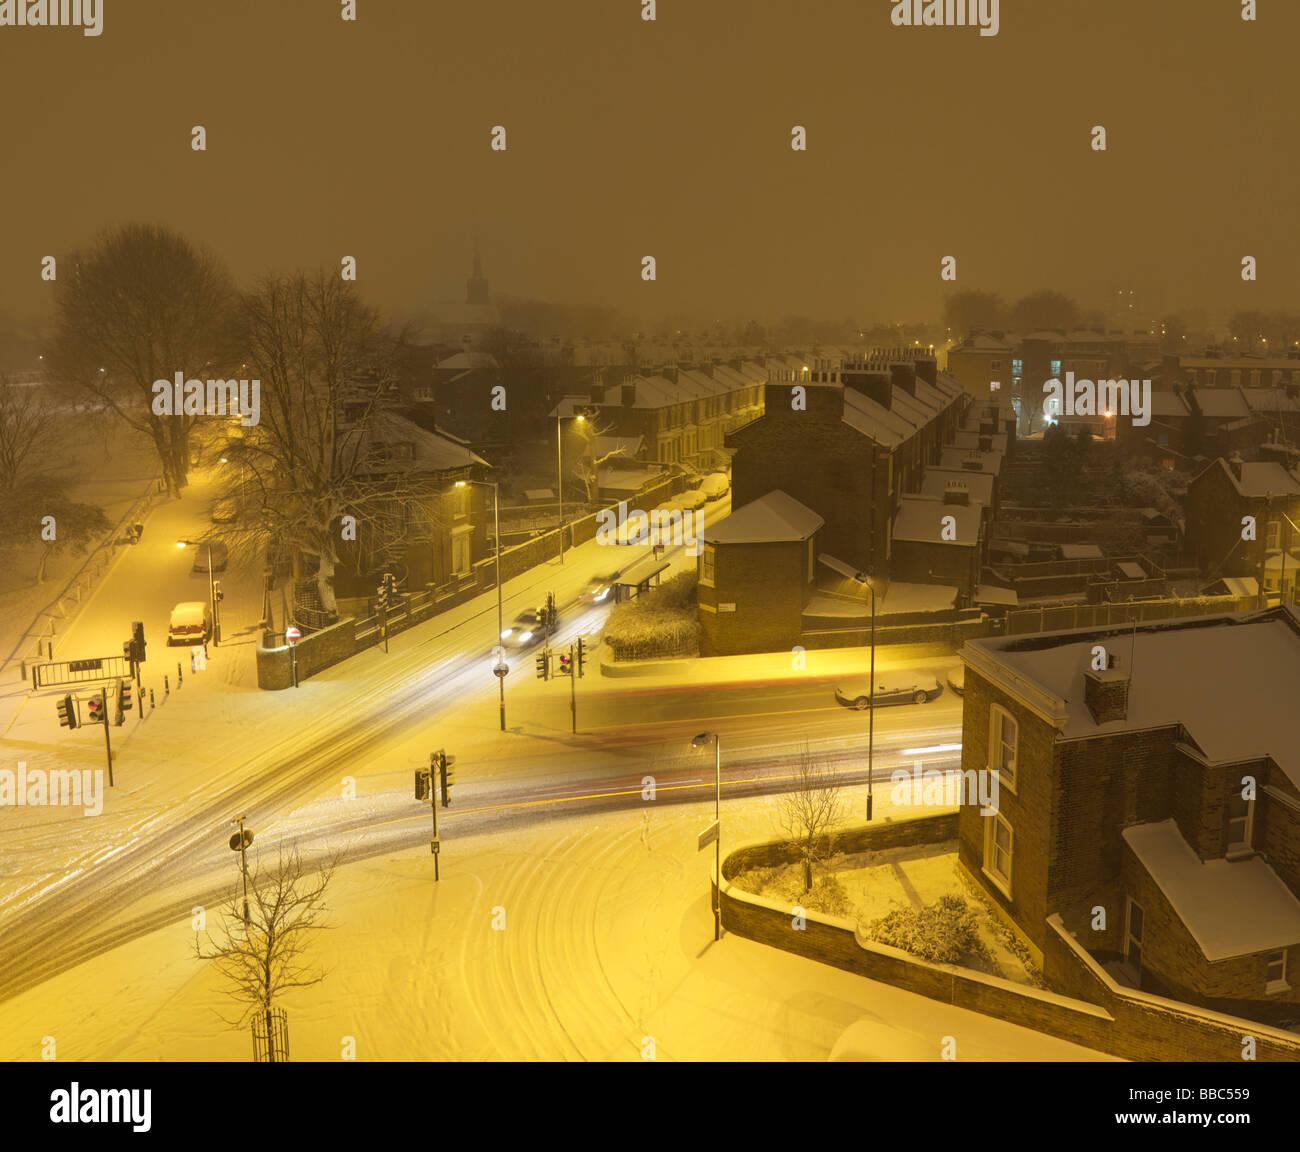 Croisée des chemins couverts de neige pendant la nuit Photo Stock